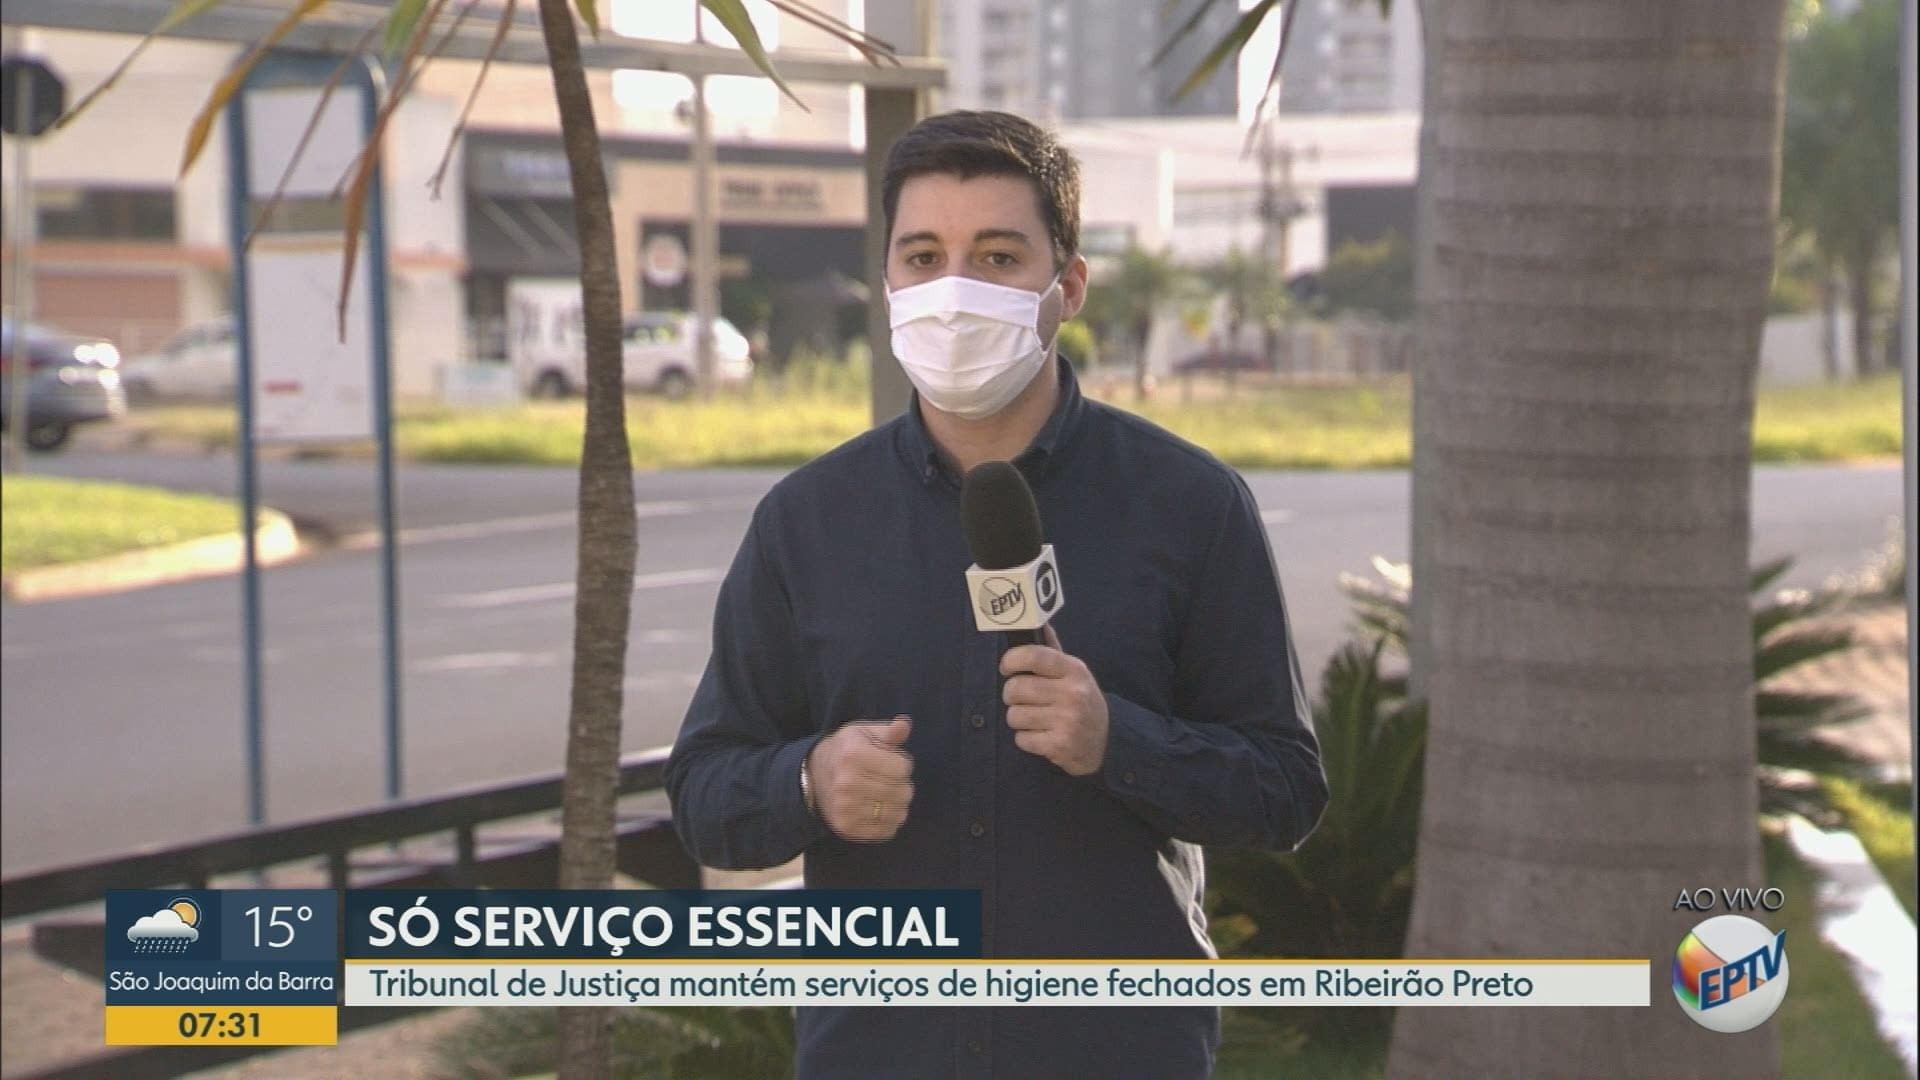 VÍDEOS: Bom Dia Cidade Ribeirão Preto de quarta-feira, 6 de maio